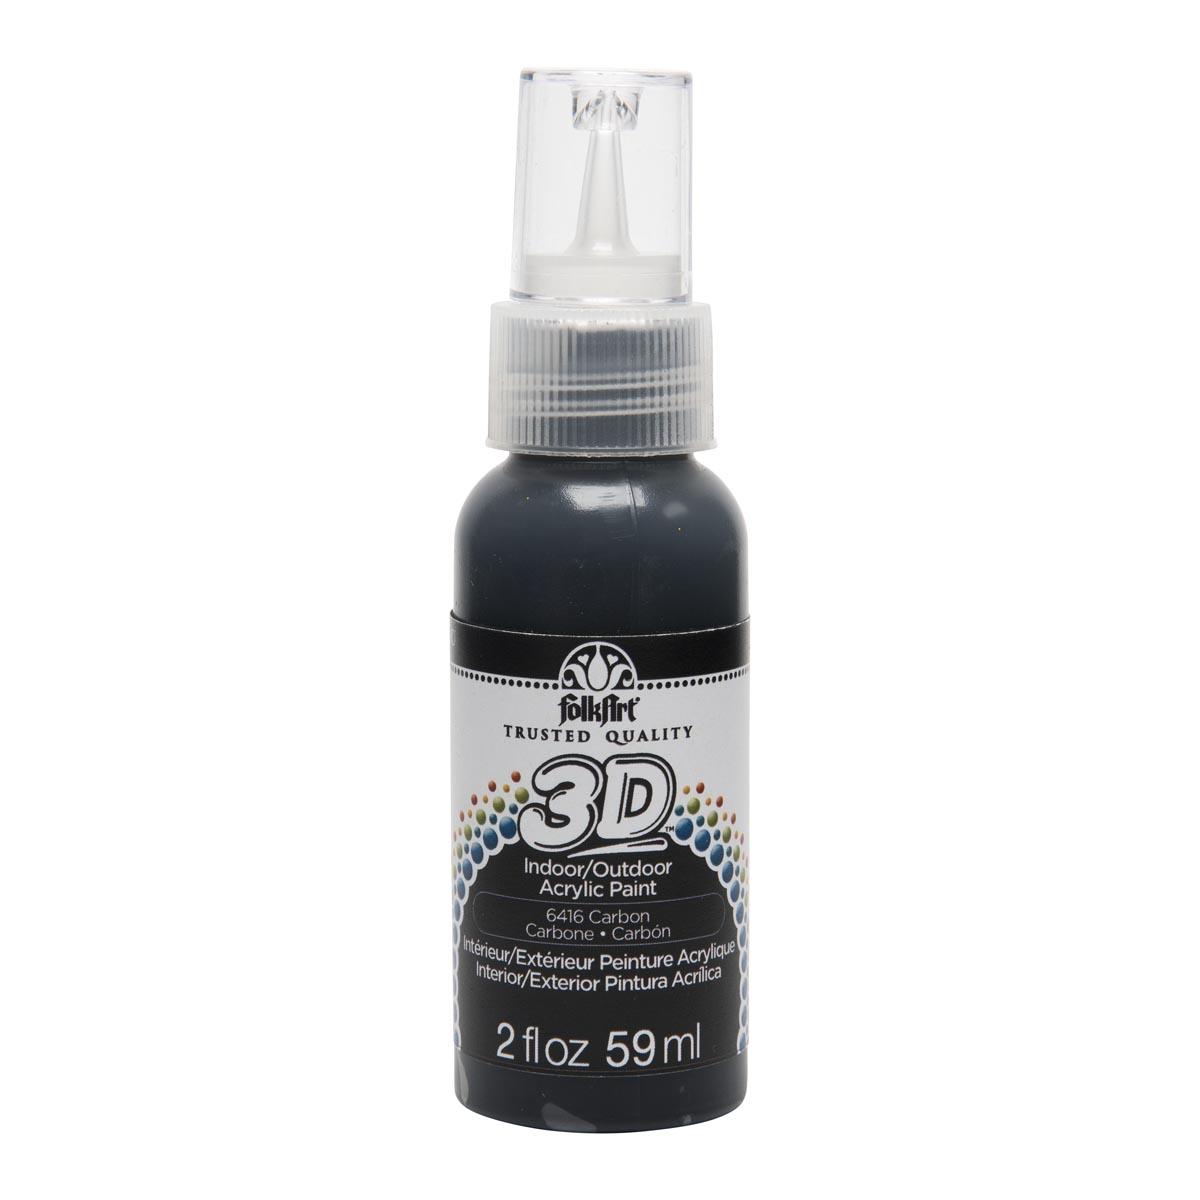 FolkArt ® 3D™ Acrylic Paint - Carbon, 2 oz. - 6416